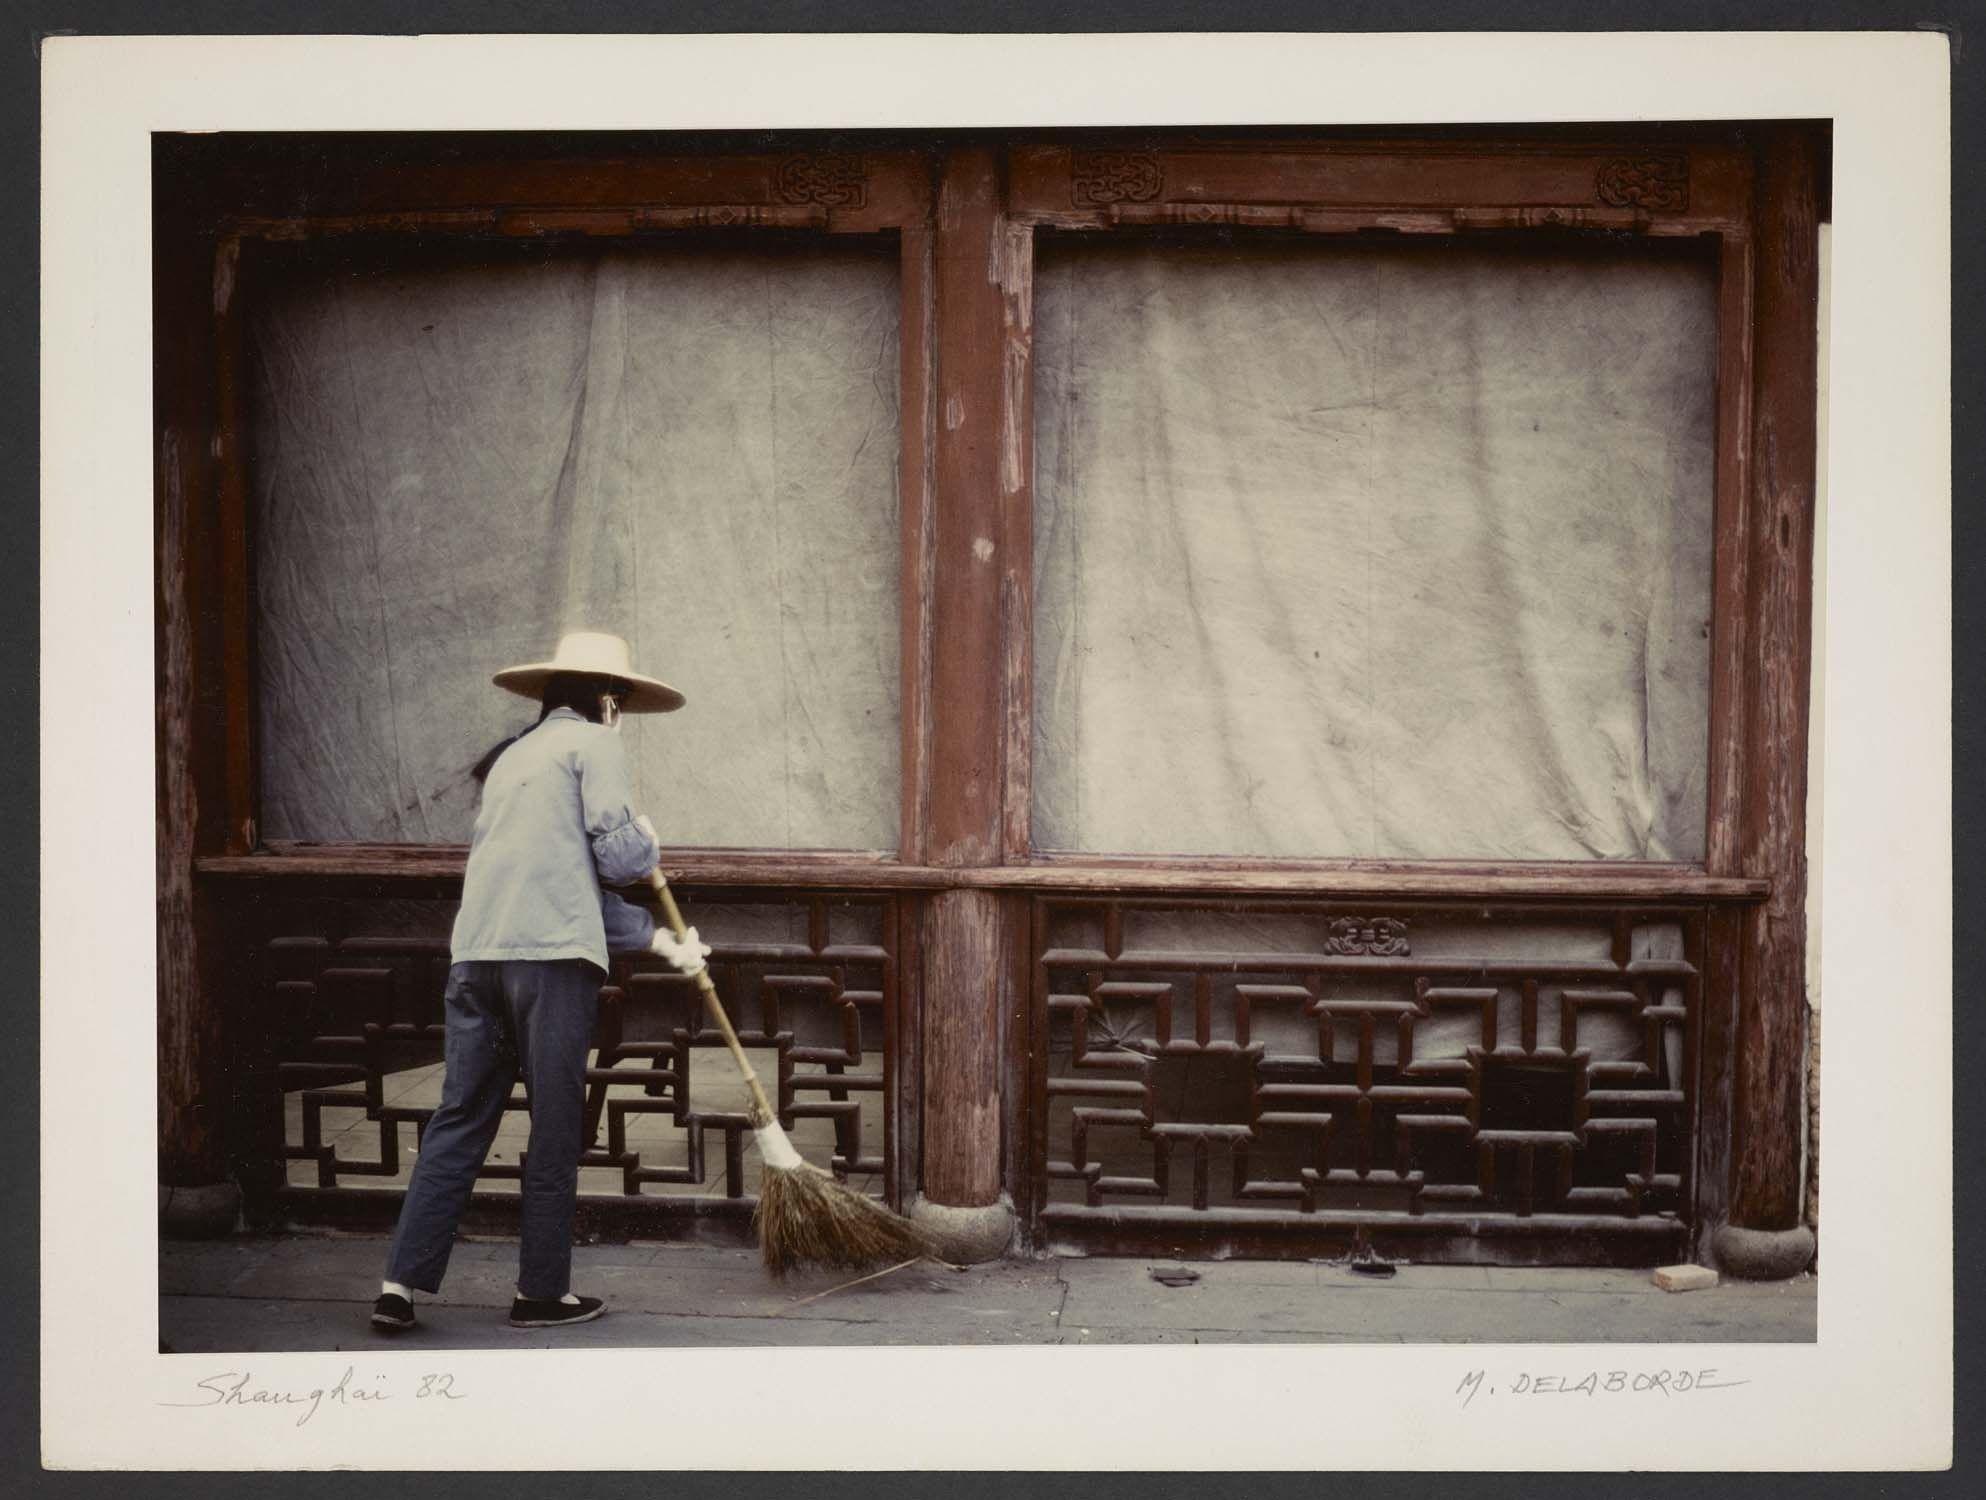 Michel Delaborde, Shanghai, (femme balayant) 1982. © Ministère de la culture (France), Médiathèque de l'architecture et du patrimoine, Diffusion RMN-GP